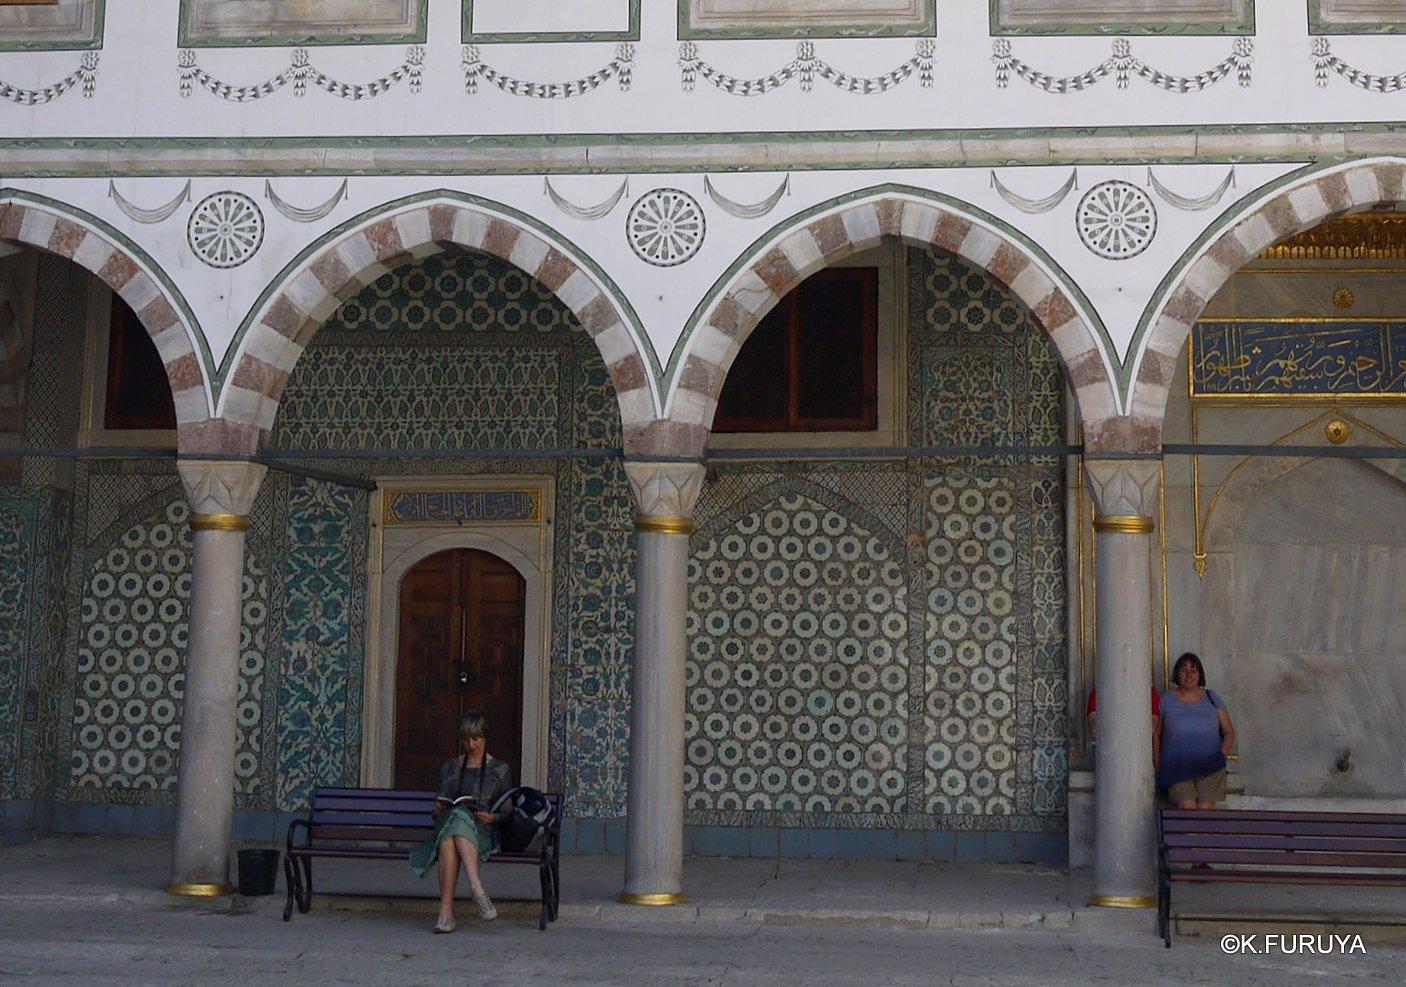 トルコ旅行記 36 トプカピ宮殿Ⅲ_a0092659_18164252.jpg